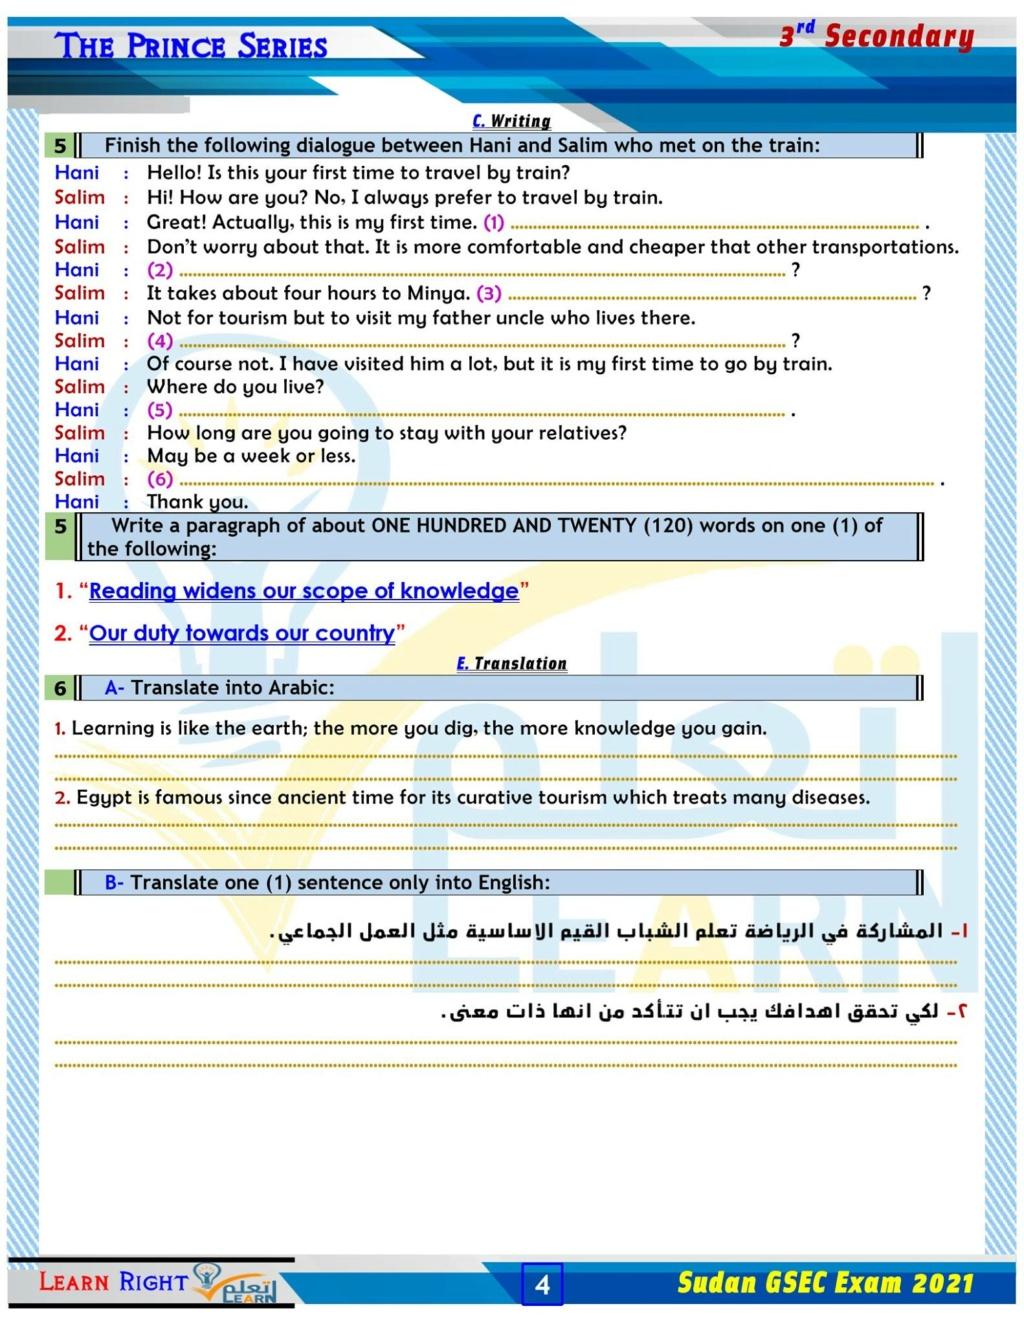 السودان - امتحان اللغة الانجليزية للثانوية العامة 2021 بالسودان 41788